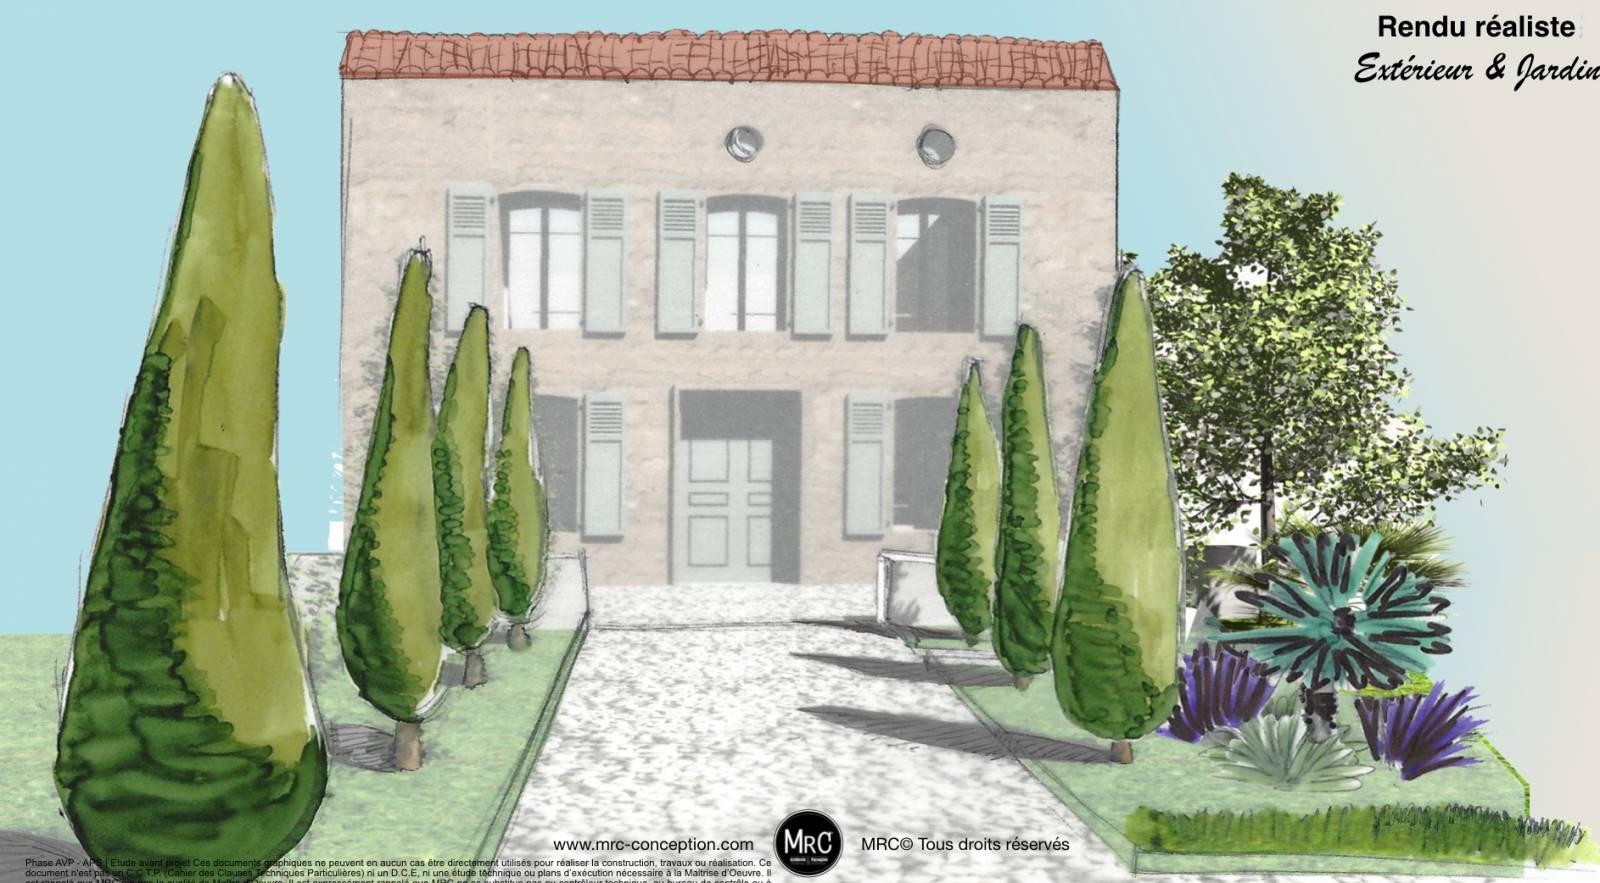 Amenagement Jardin Exterieur Photo conception et aménagement de jardin et extérieur avec des